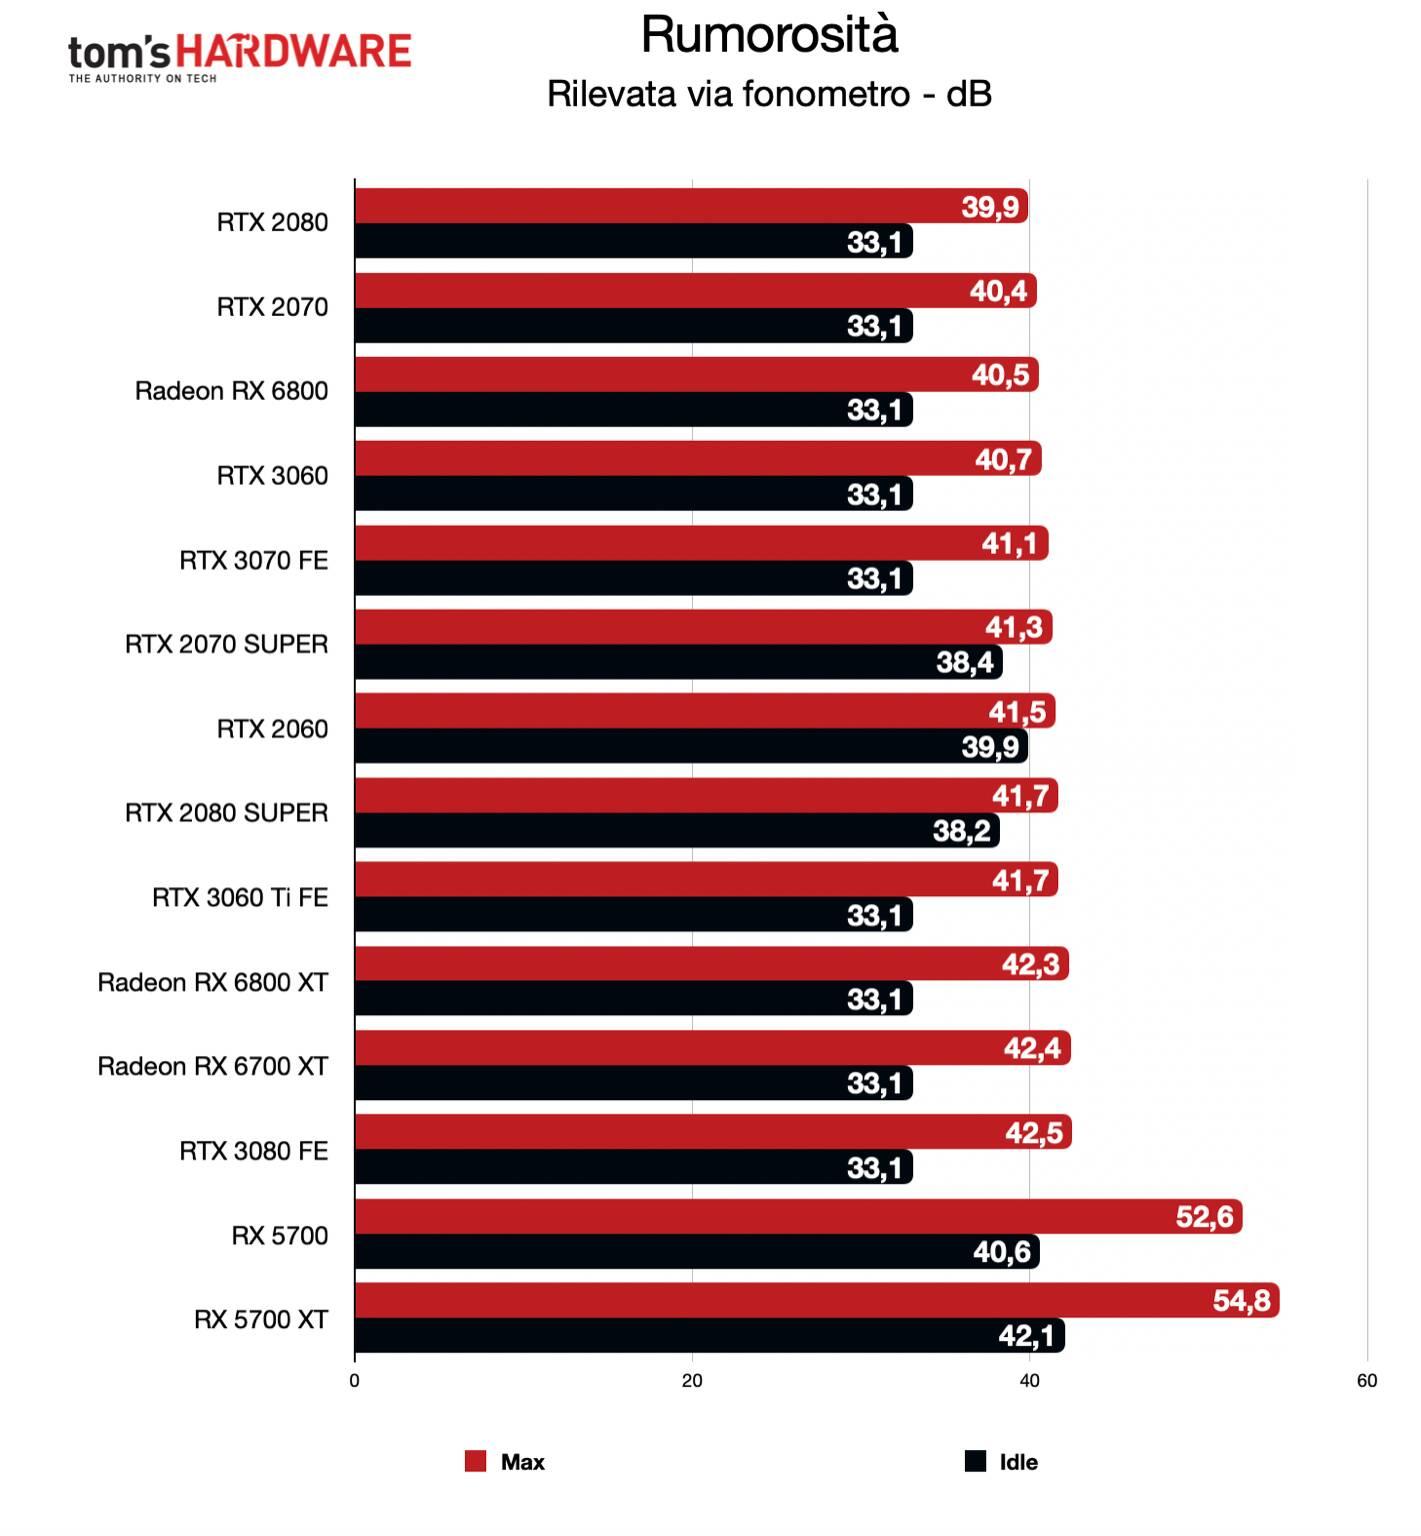 Benchmark Radeon RX 6700 XT - Rumorosità